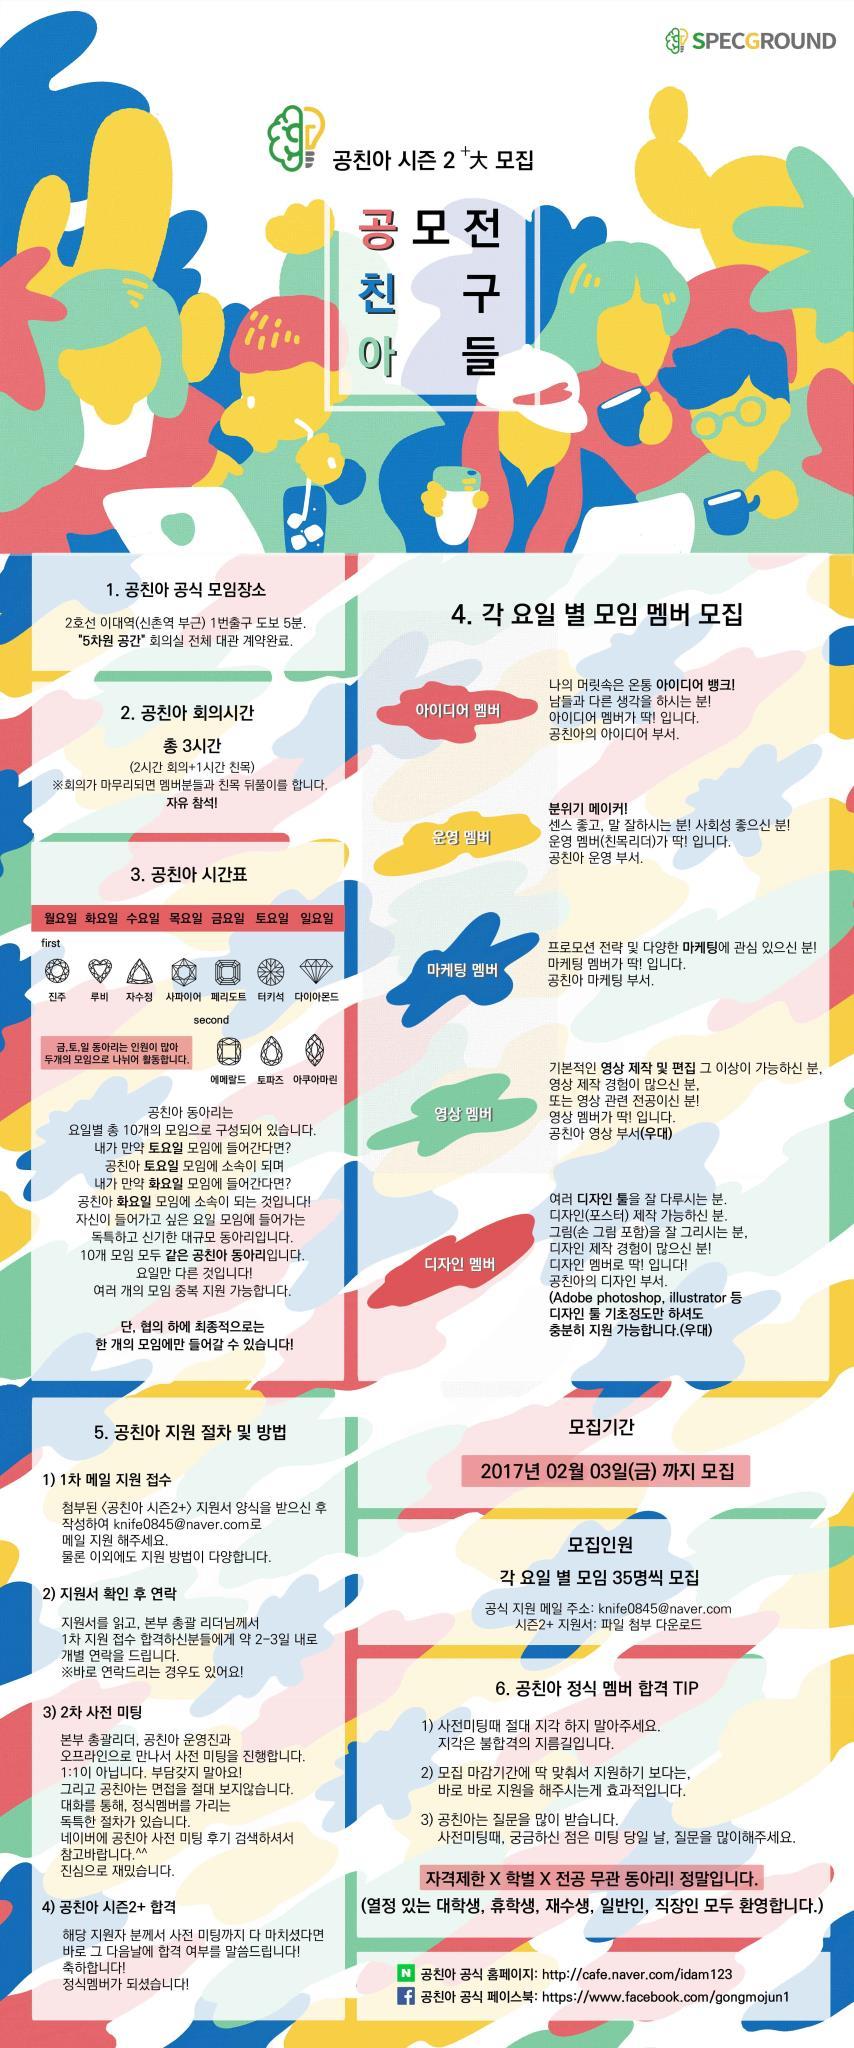 [공친아 시즌 2+] 친목 공모전 동아리 멤버를 모집해요! (~02.03)